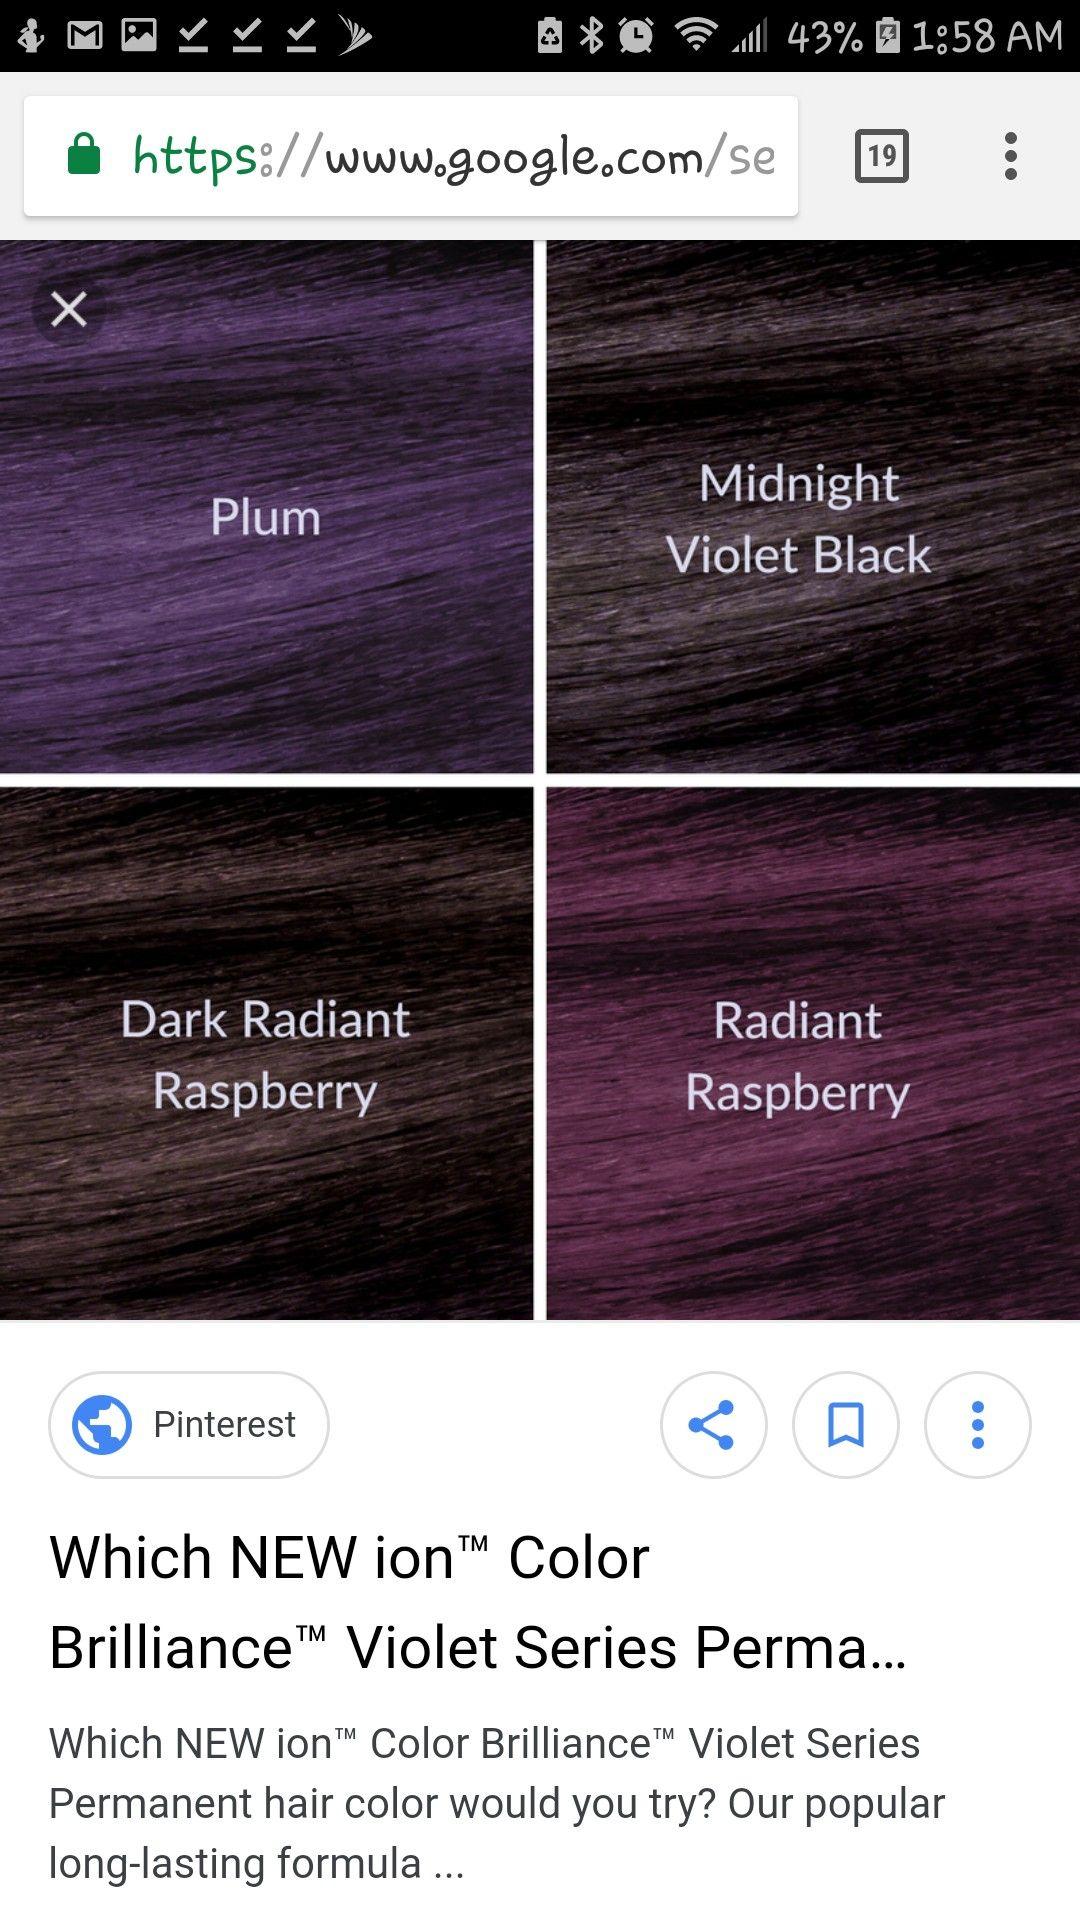 Ion Color Brilliance Violet Series Permanent Hair Color Ion Color Brilliance Hair Beauty